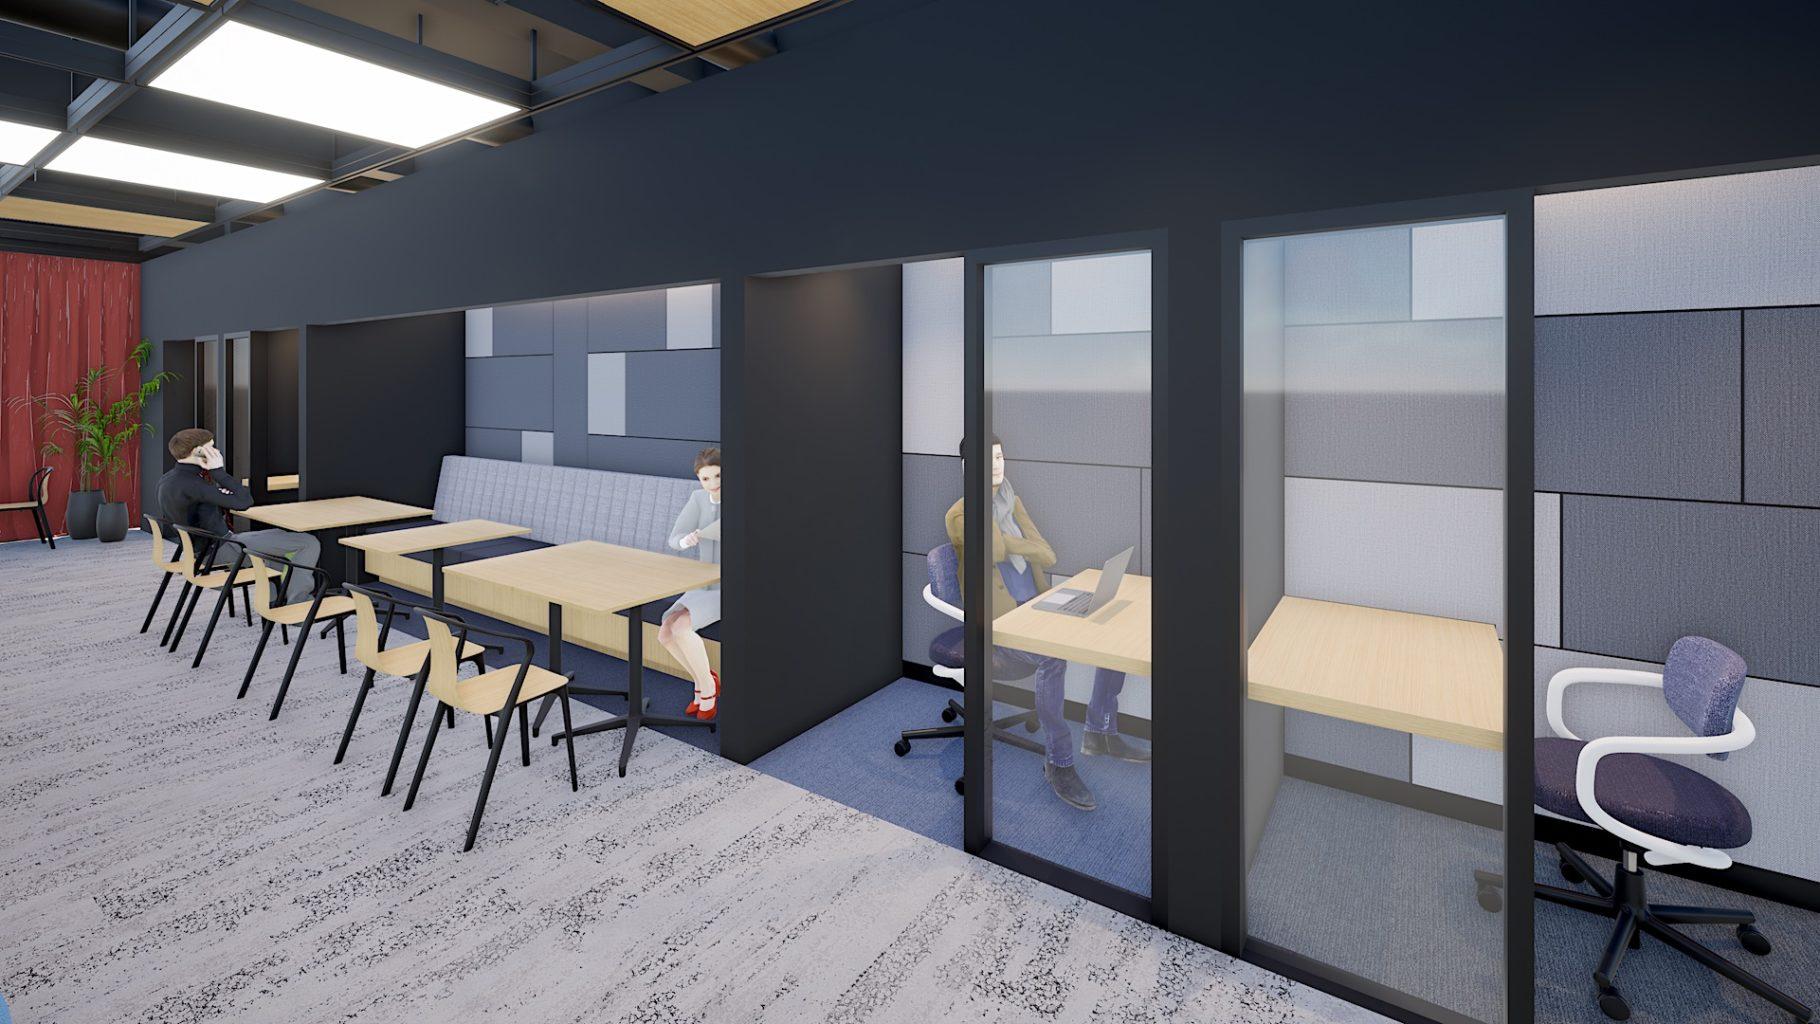 サテライトオフィス内の個人で集中できるフォーカスブースのイメージ